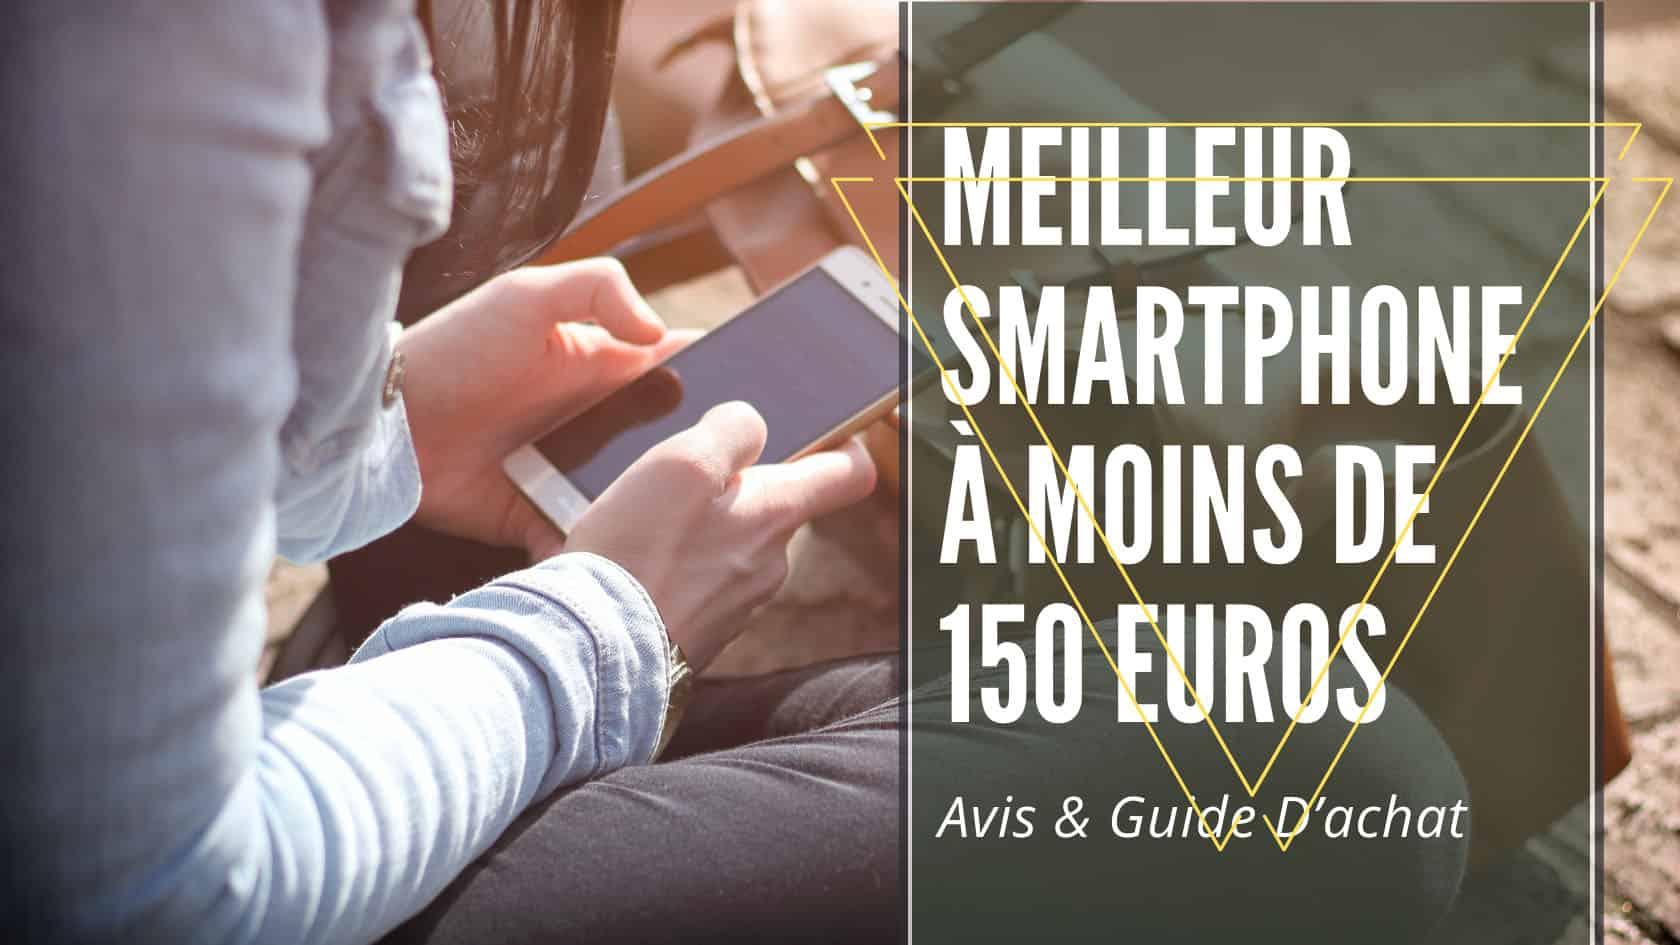 Meilleur Smartphone À Moins De 150 Euros